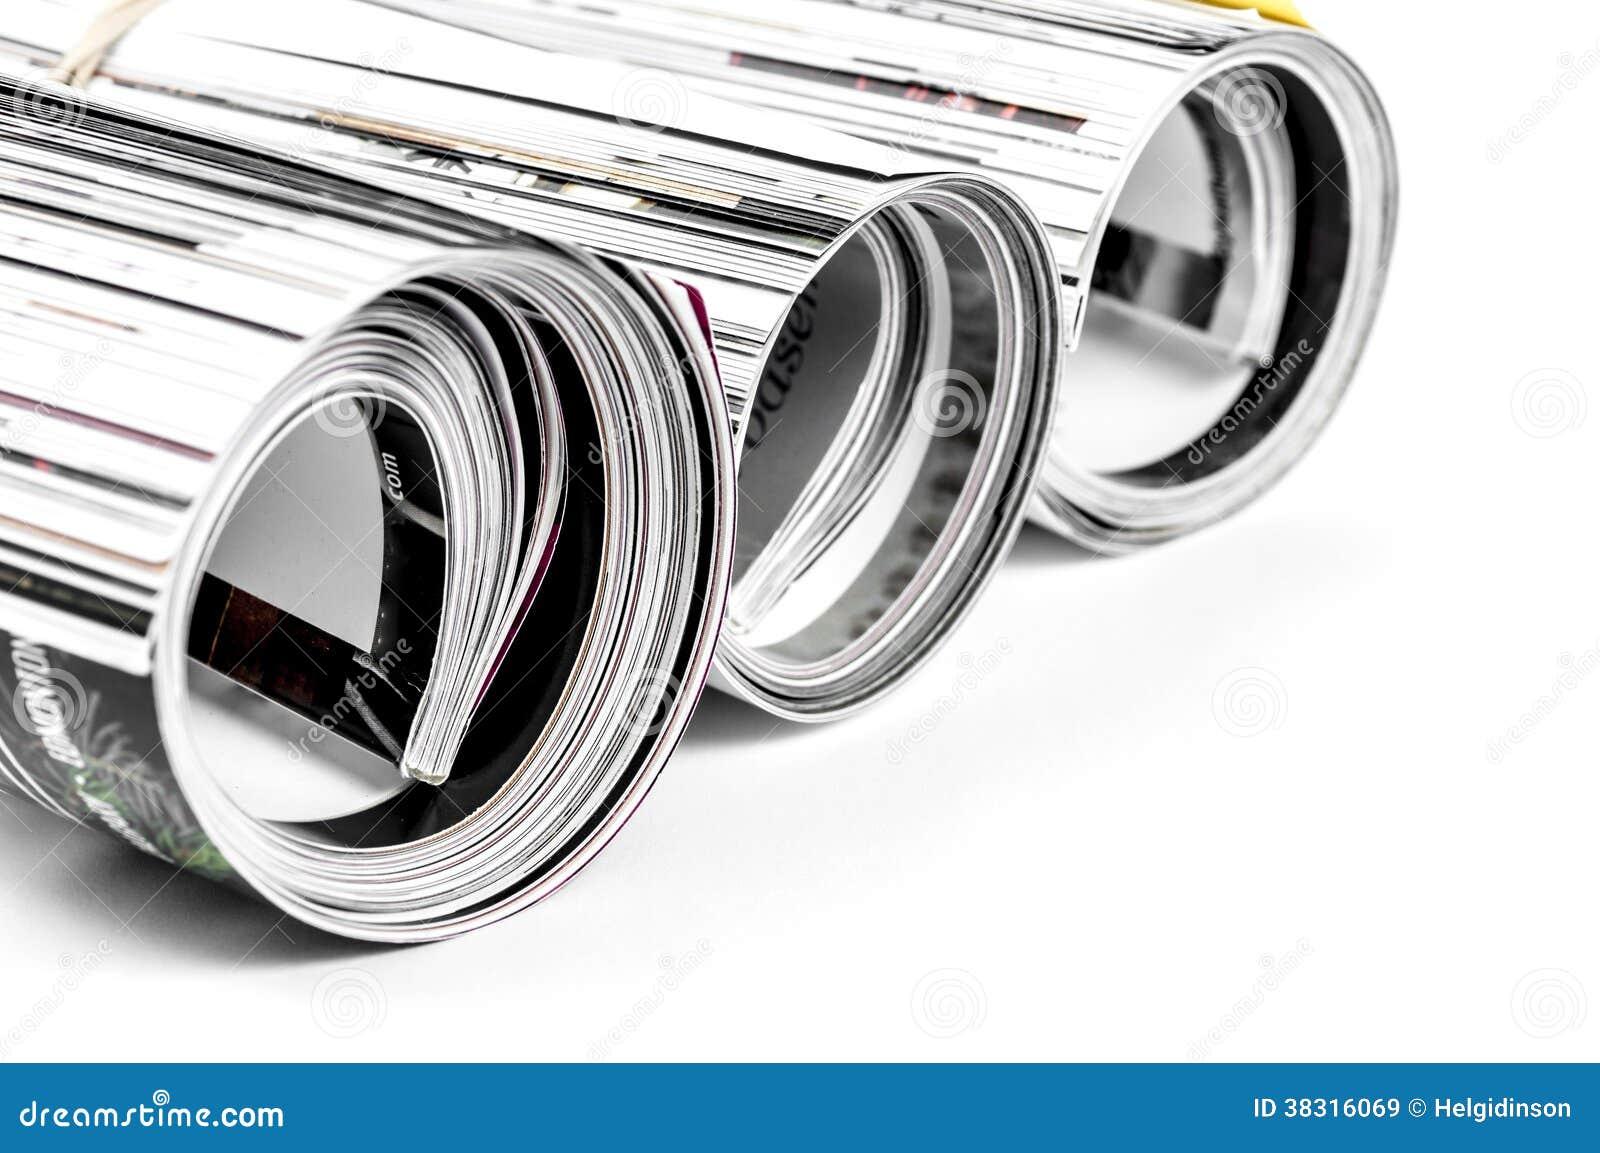 Magazine roll (Macro)